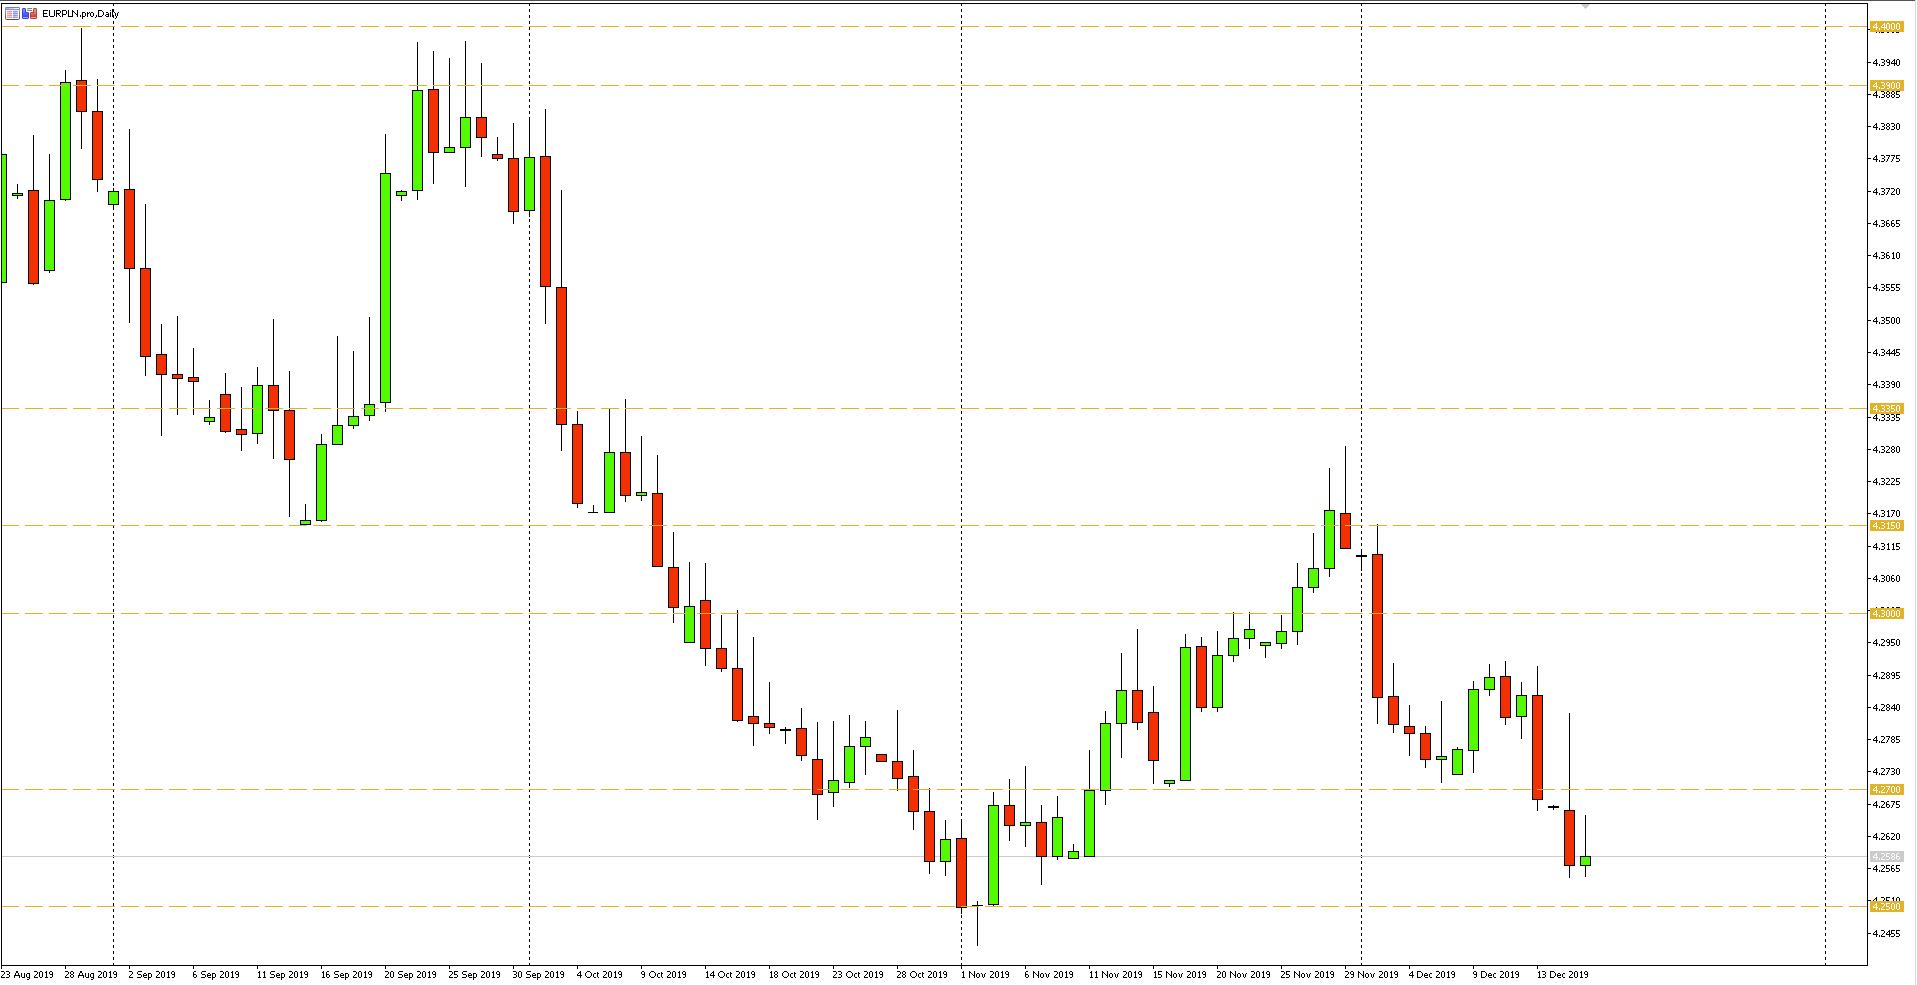 Wykres dzienny pary walutowej EURPLN - 17.12.2019 r.